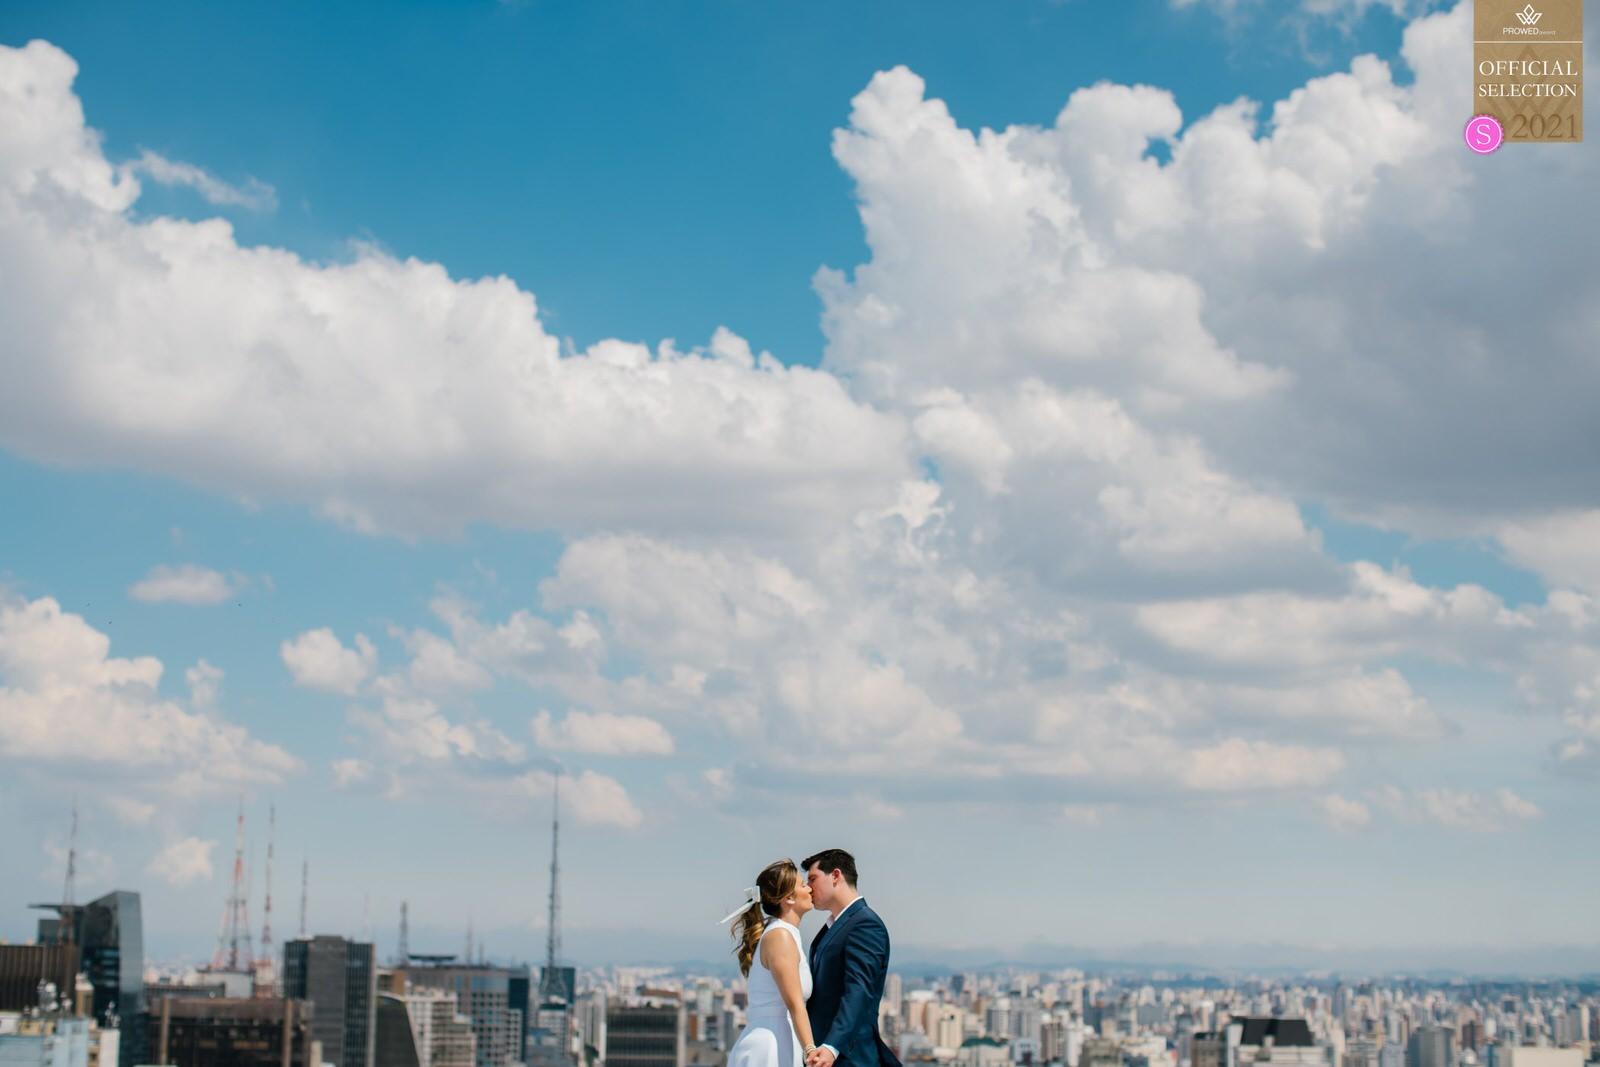 Fotografo de casamento, fotografo de casamento em sp, casamento fazenda vila rica, casamento de dia, inspiração casamento de dia